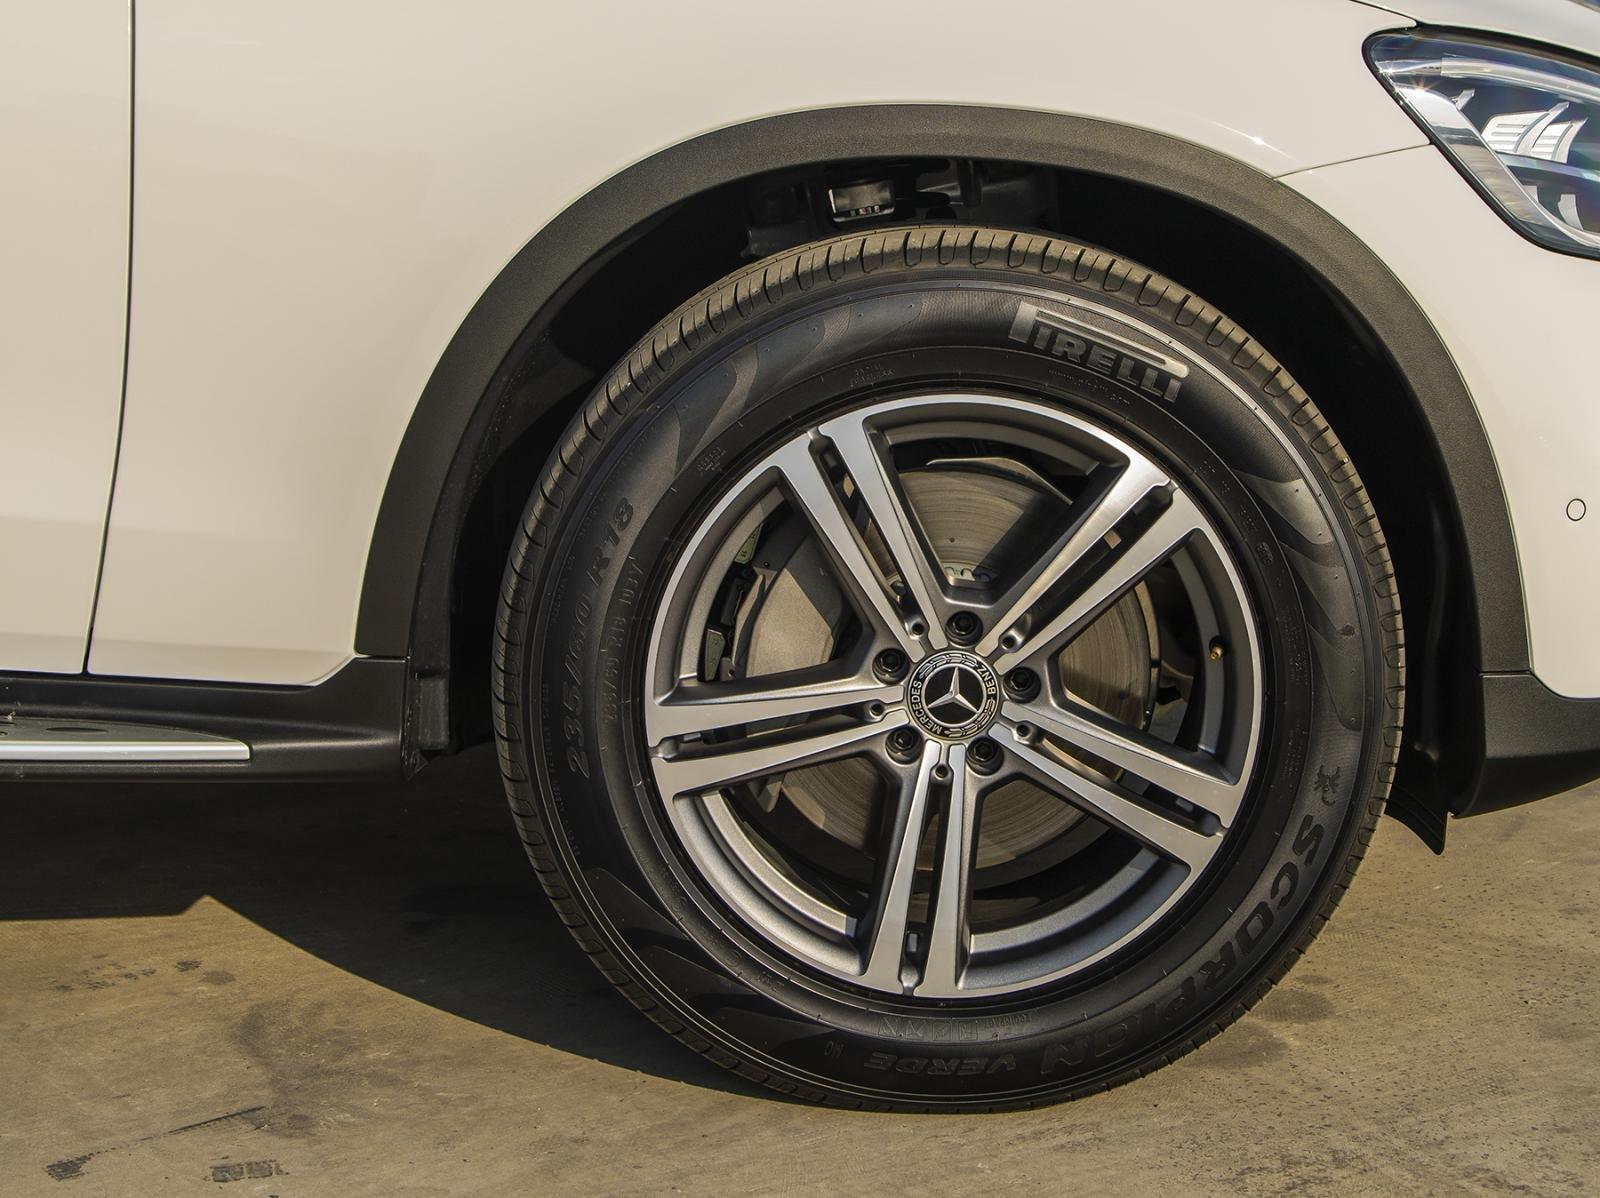 Mercedes-benz GLC 200 và GLC 200 4Matic 2020 chính thức ra mắt, giá từ 1,749 tỷ đồng a6